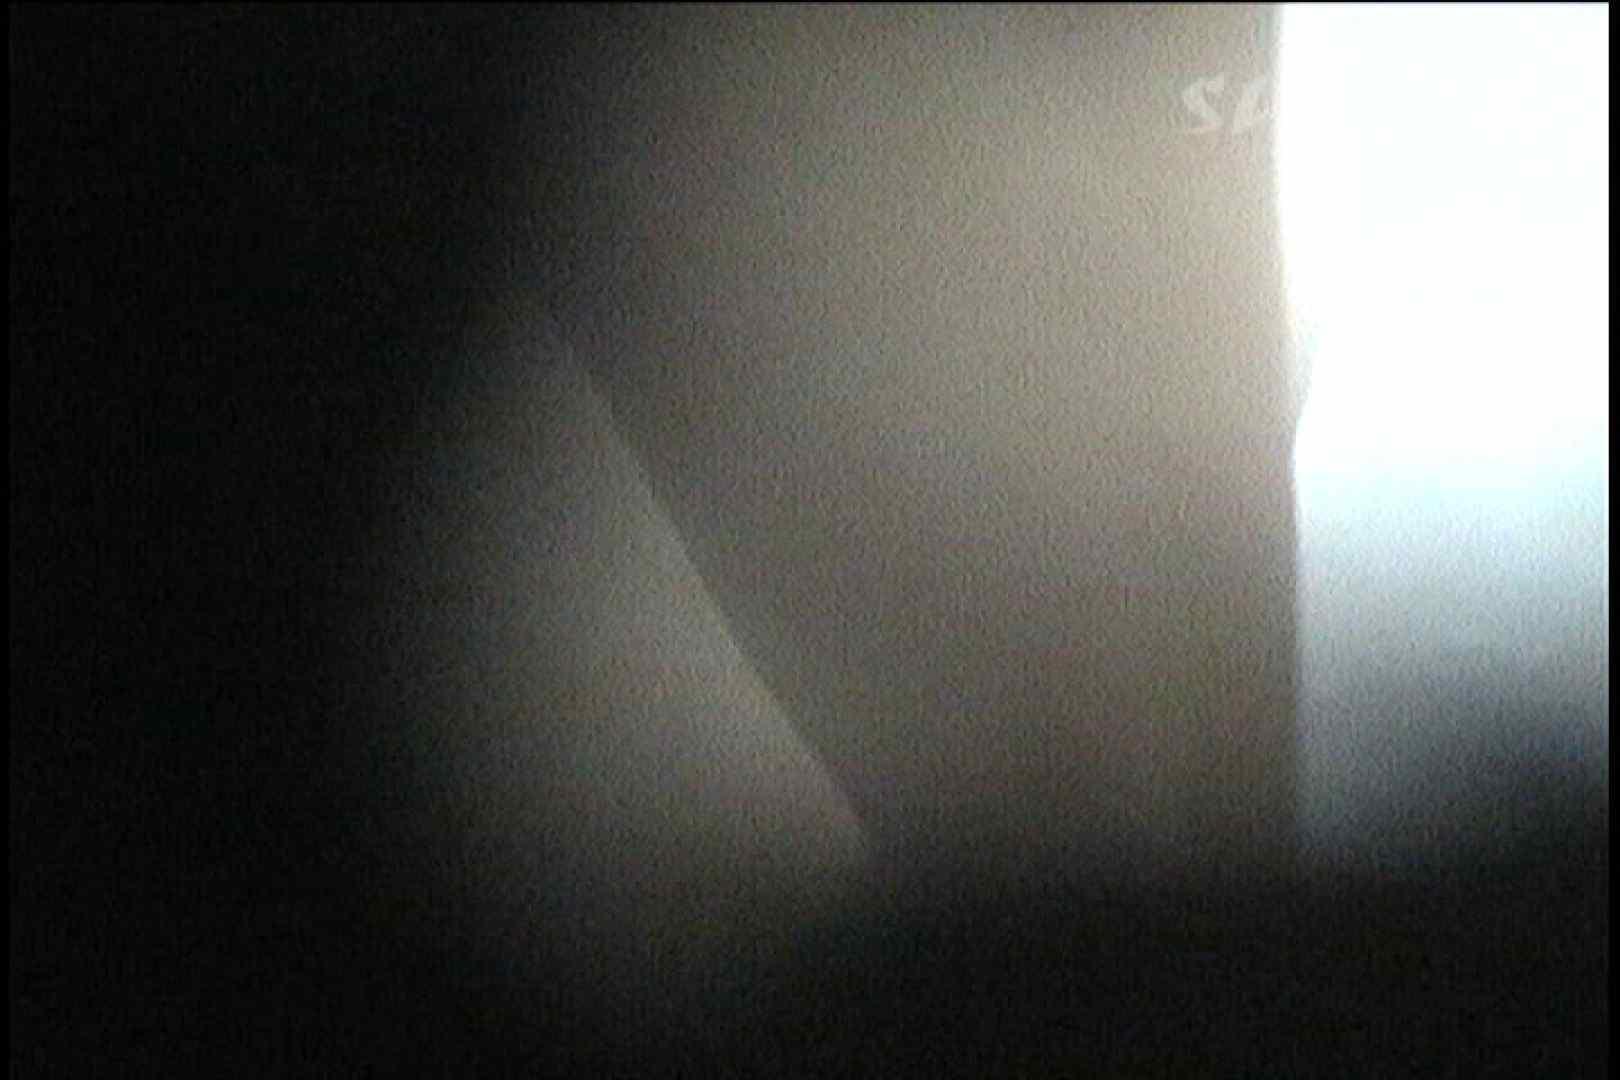 No.9 2人セットでお買い得、陥没巨乳のワレメちゃん確認! シャワーシーン AV無料動画キャプチャ 27連発 3